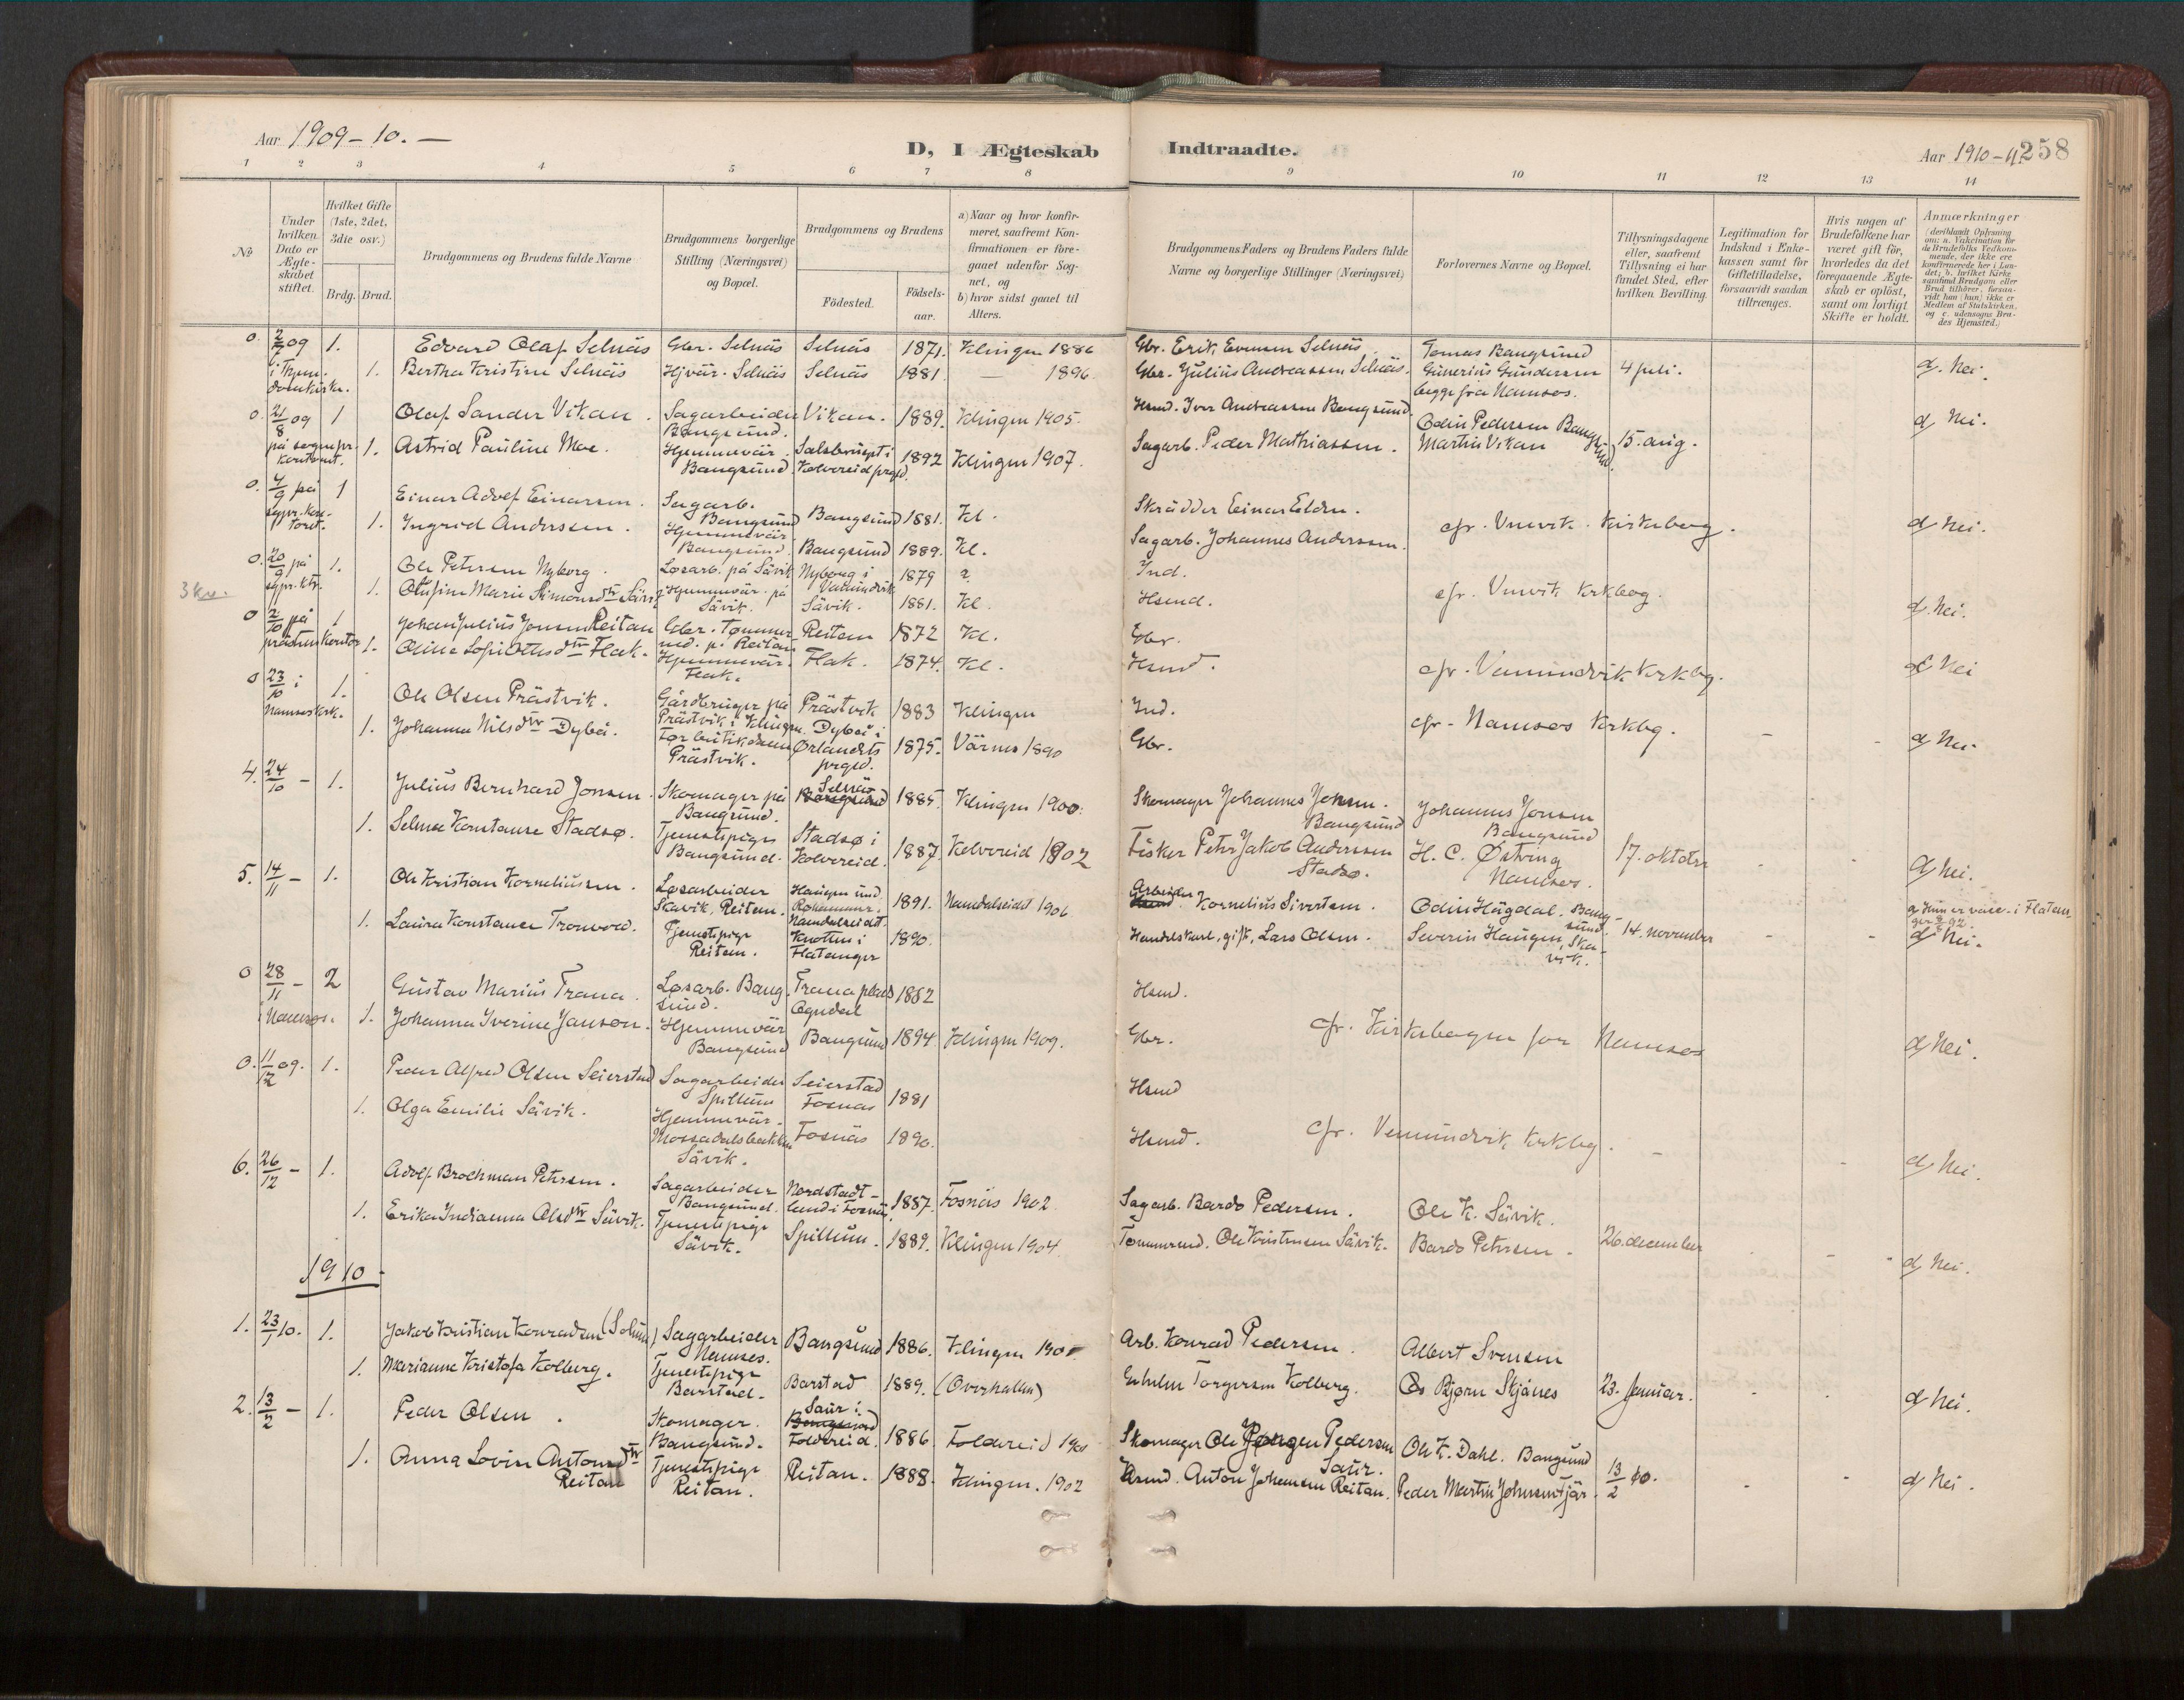 SAT, Ministerialprotokoller, klokkerbøker og fødselsregistre - Nord-Trøndelag, 770/L0589: Ministerialbok nr. 770A03, 1887-1929, s. 258